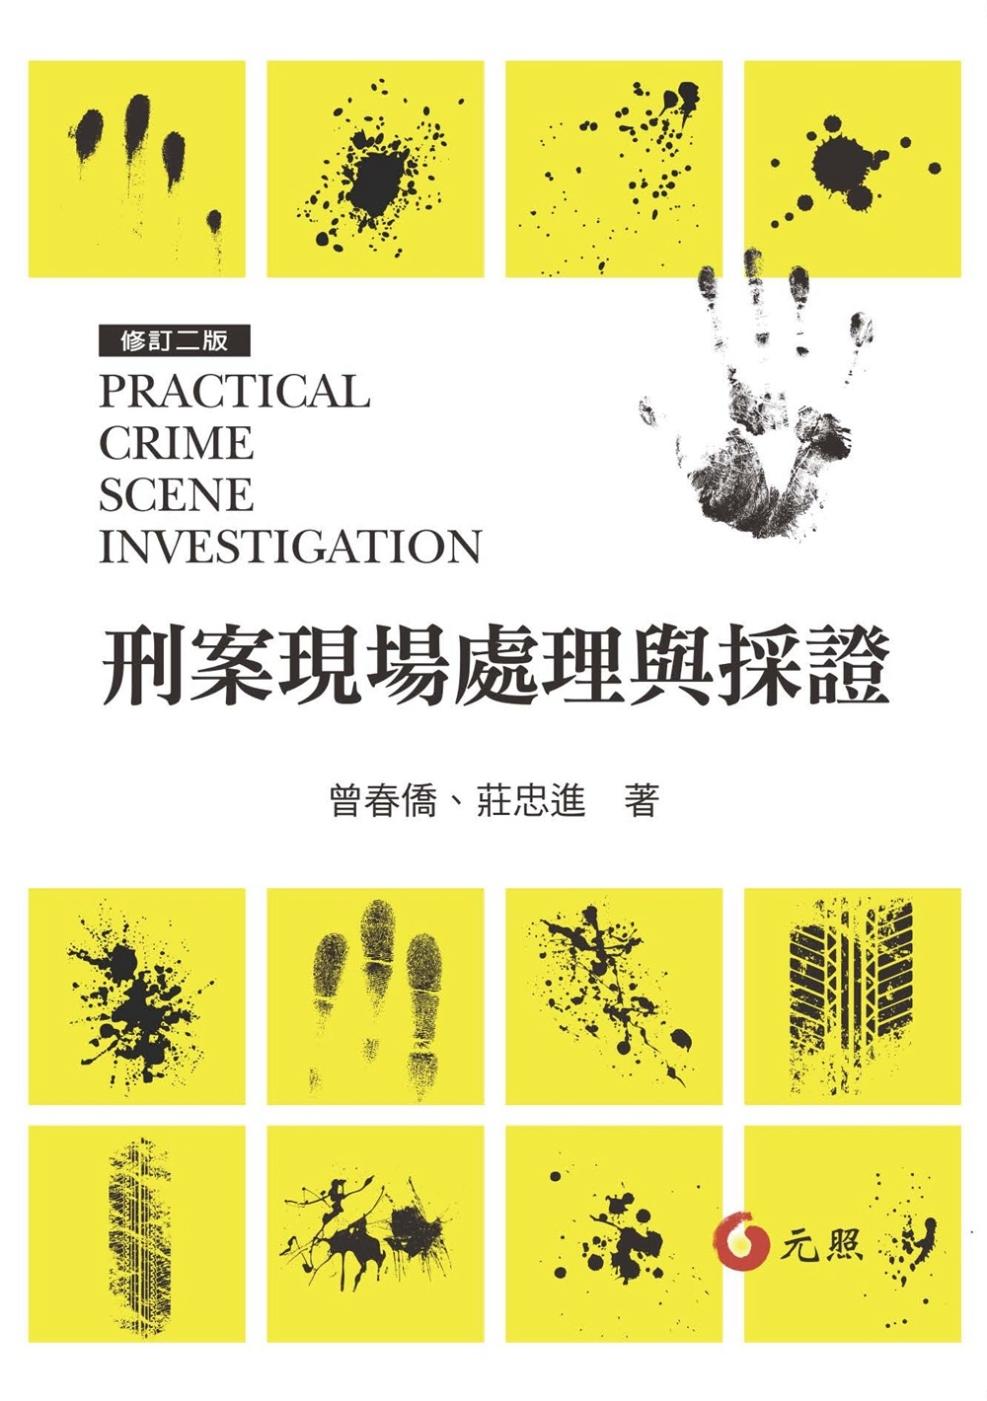 刑案現場處理與採證(二版)